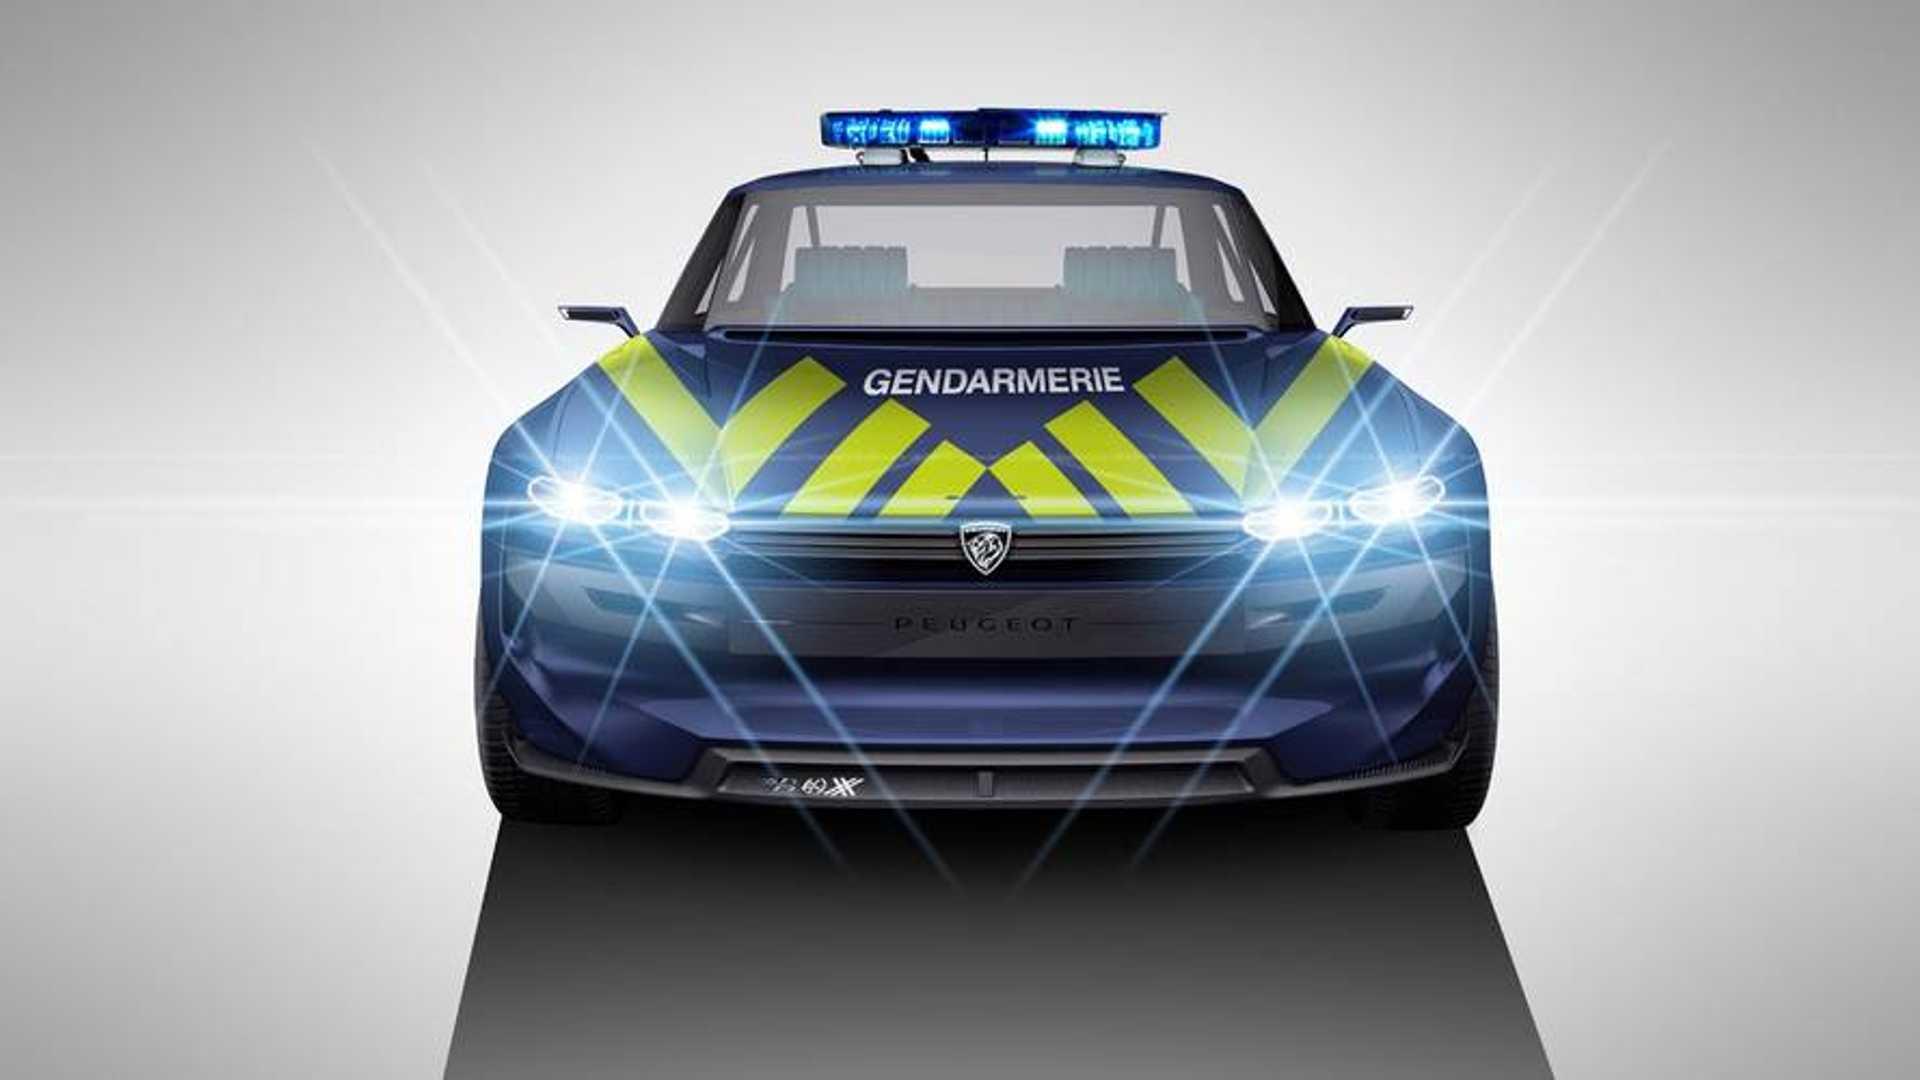 La Gendarmerie Un Jour En Peugeot E Legend